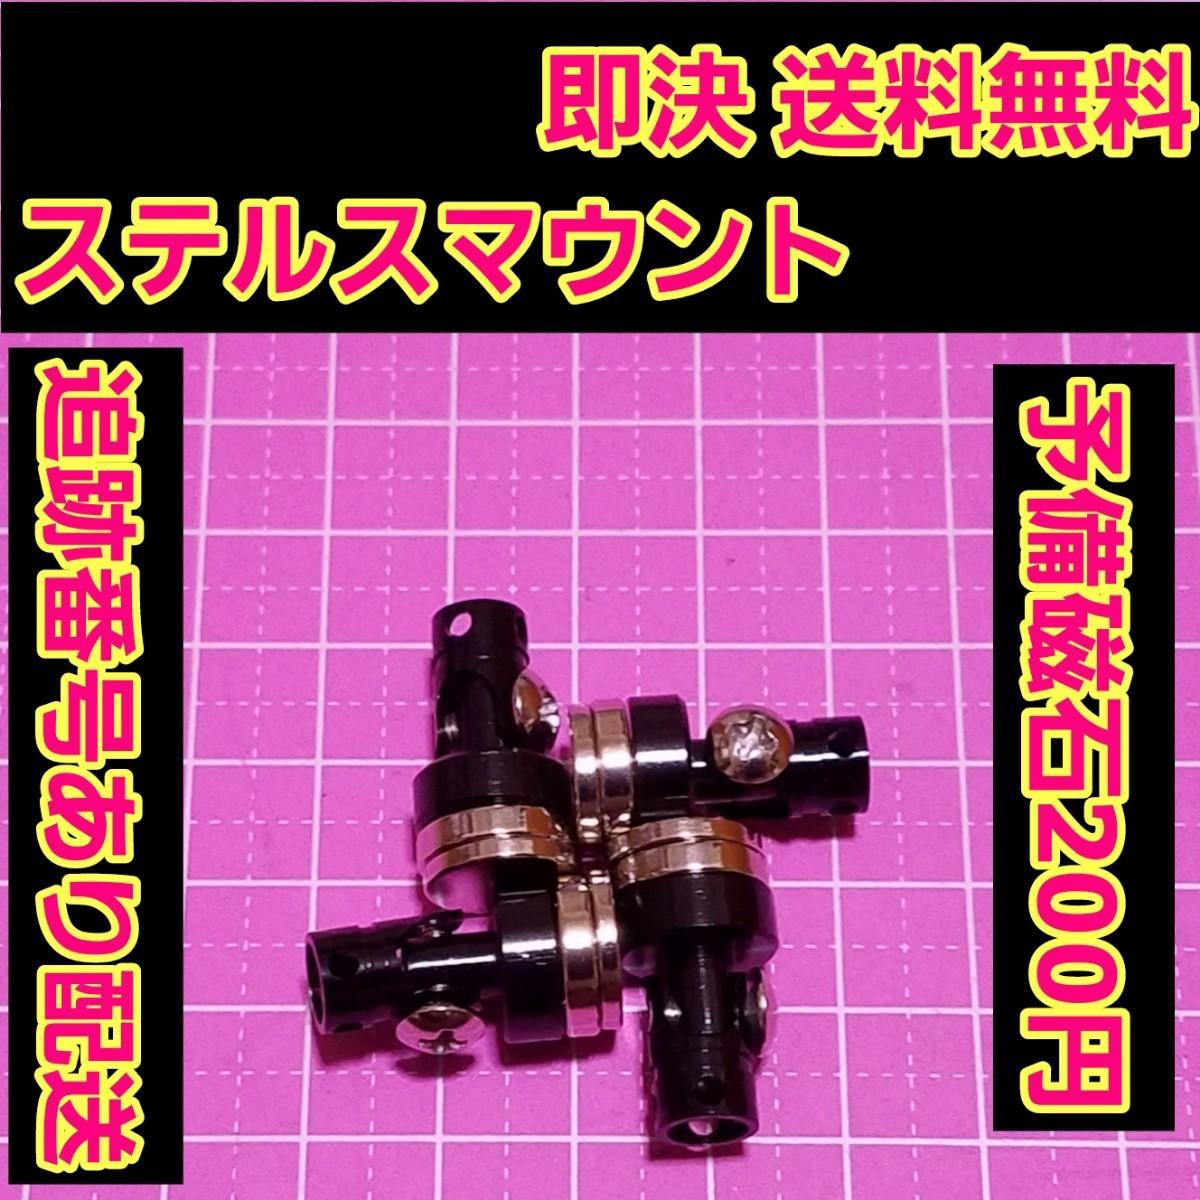 ステルス ボディ マウント ブラック    ラジコン ドリパケ TT01 ボディ